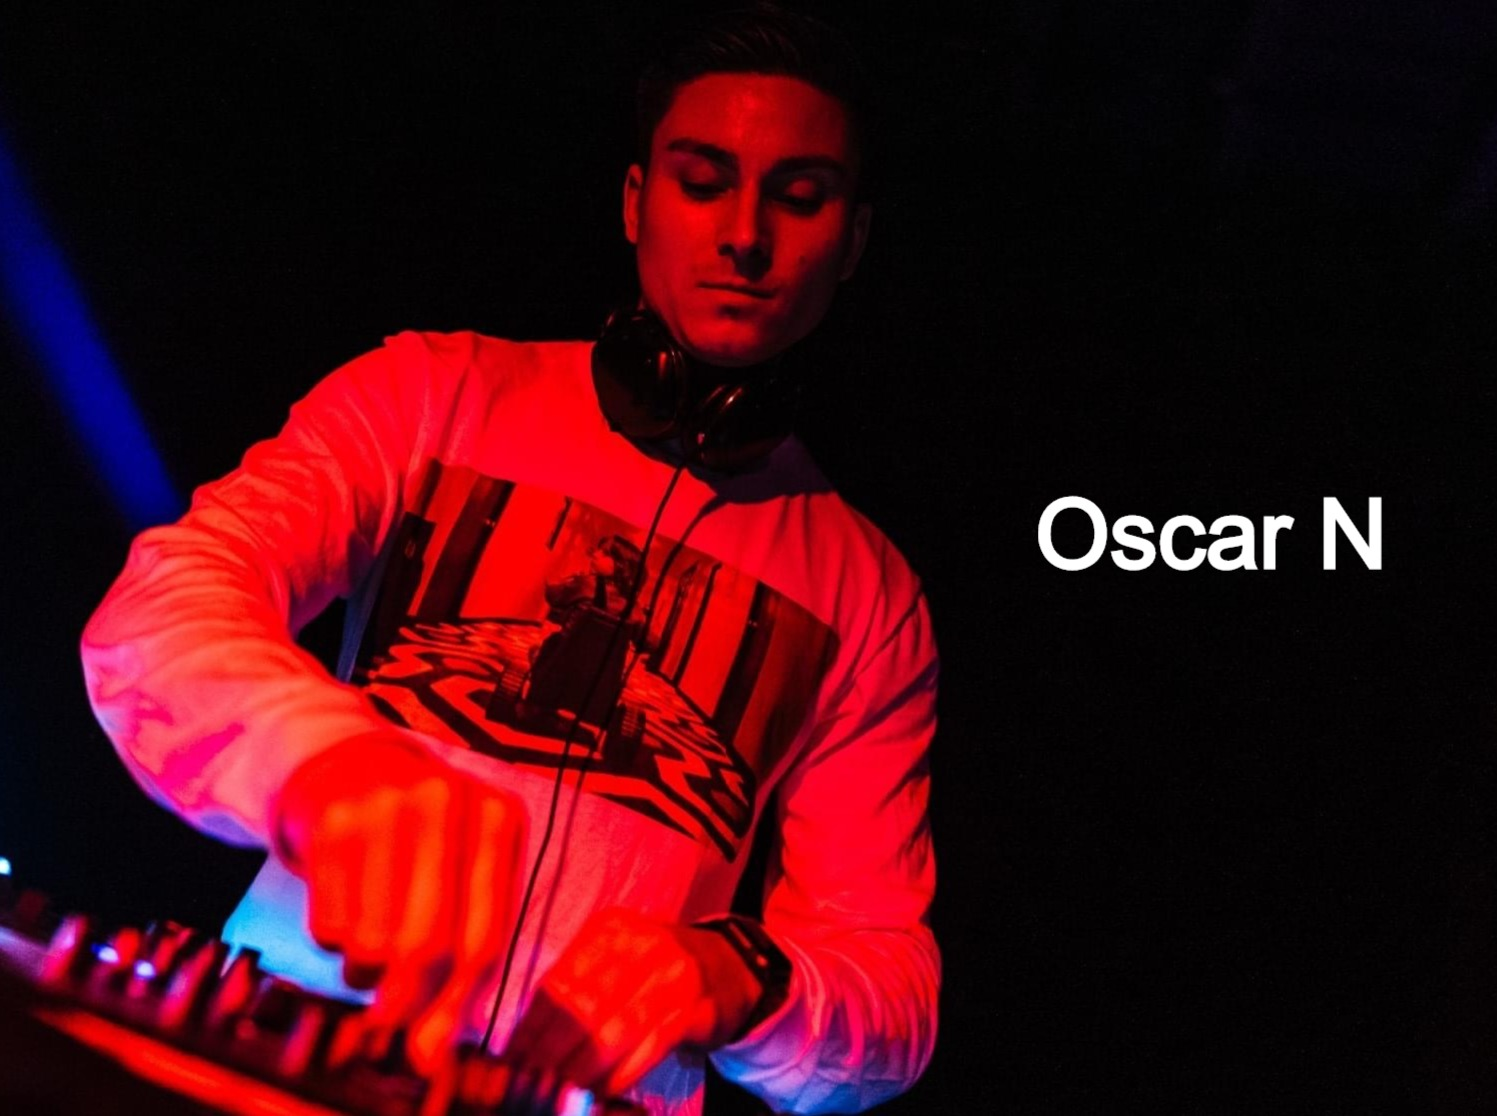 Oscar N